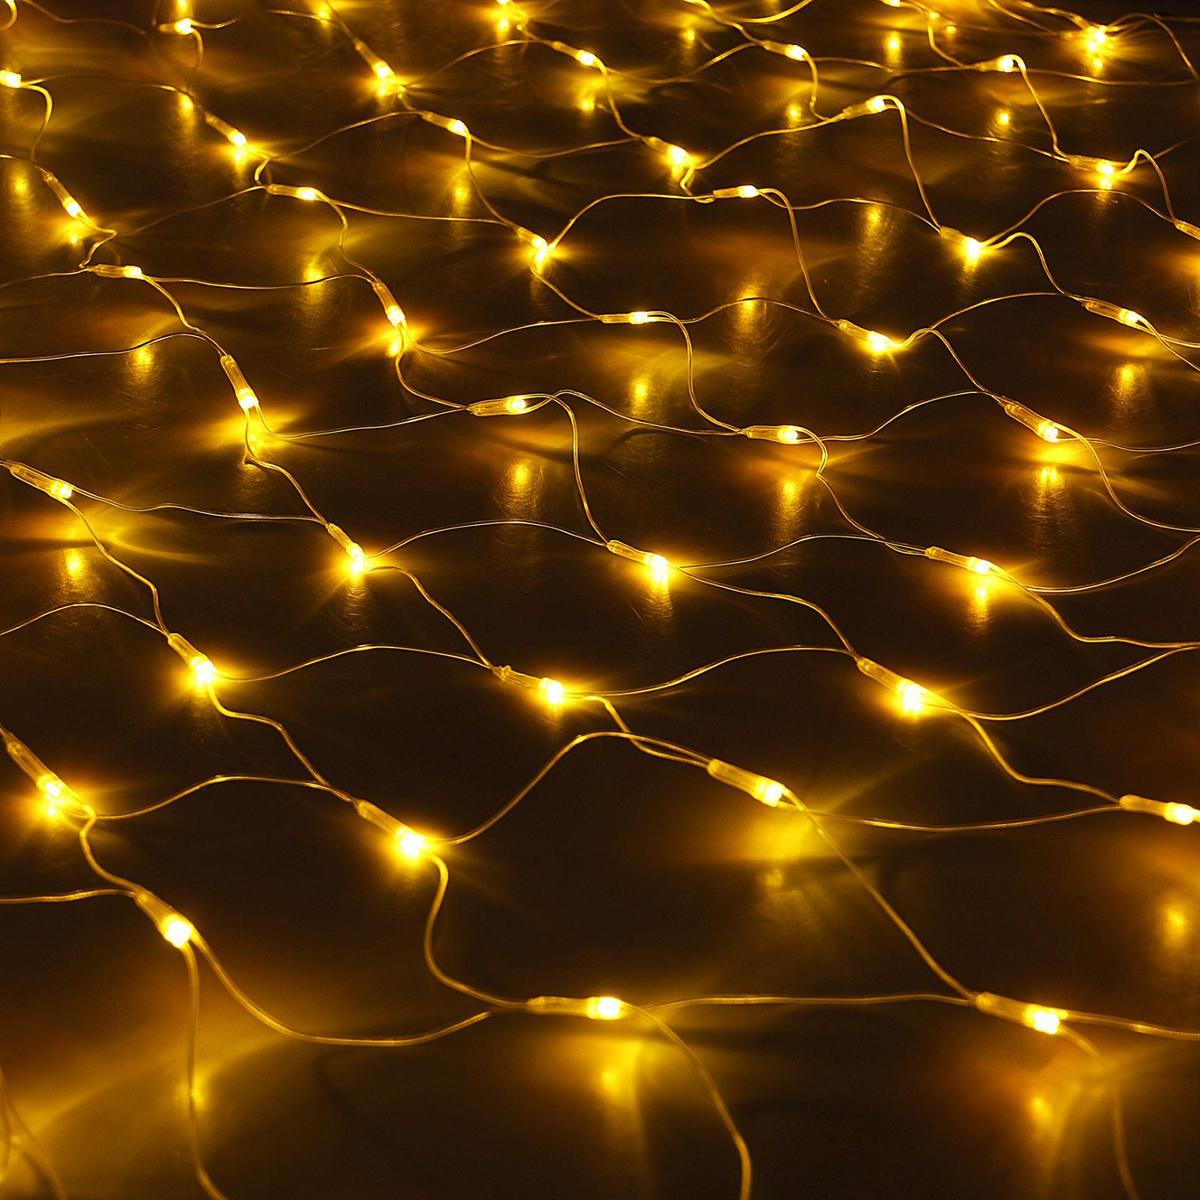 Гирлянда Luazon Сетка, длина 1,6 м, LED 144 ламп, 220V, цвет: желтый1585750Светодиодные гирлянды, ленты и т.д — это отличный вариант для новогоднего оформления интерьера или фасада. С их помощью помещение любого размера можно превратить в праздничный зал, а внешние элементы зданий, украшенные ими, мгновенно станут напоминать очертания сказочного дворца. Такие украшения создают ауру предвкушения чуда. Деревья, фасады, витрины, окна и арки будто специально созданы, чтобы вы украсили их светящимися нитями.